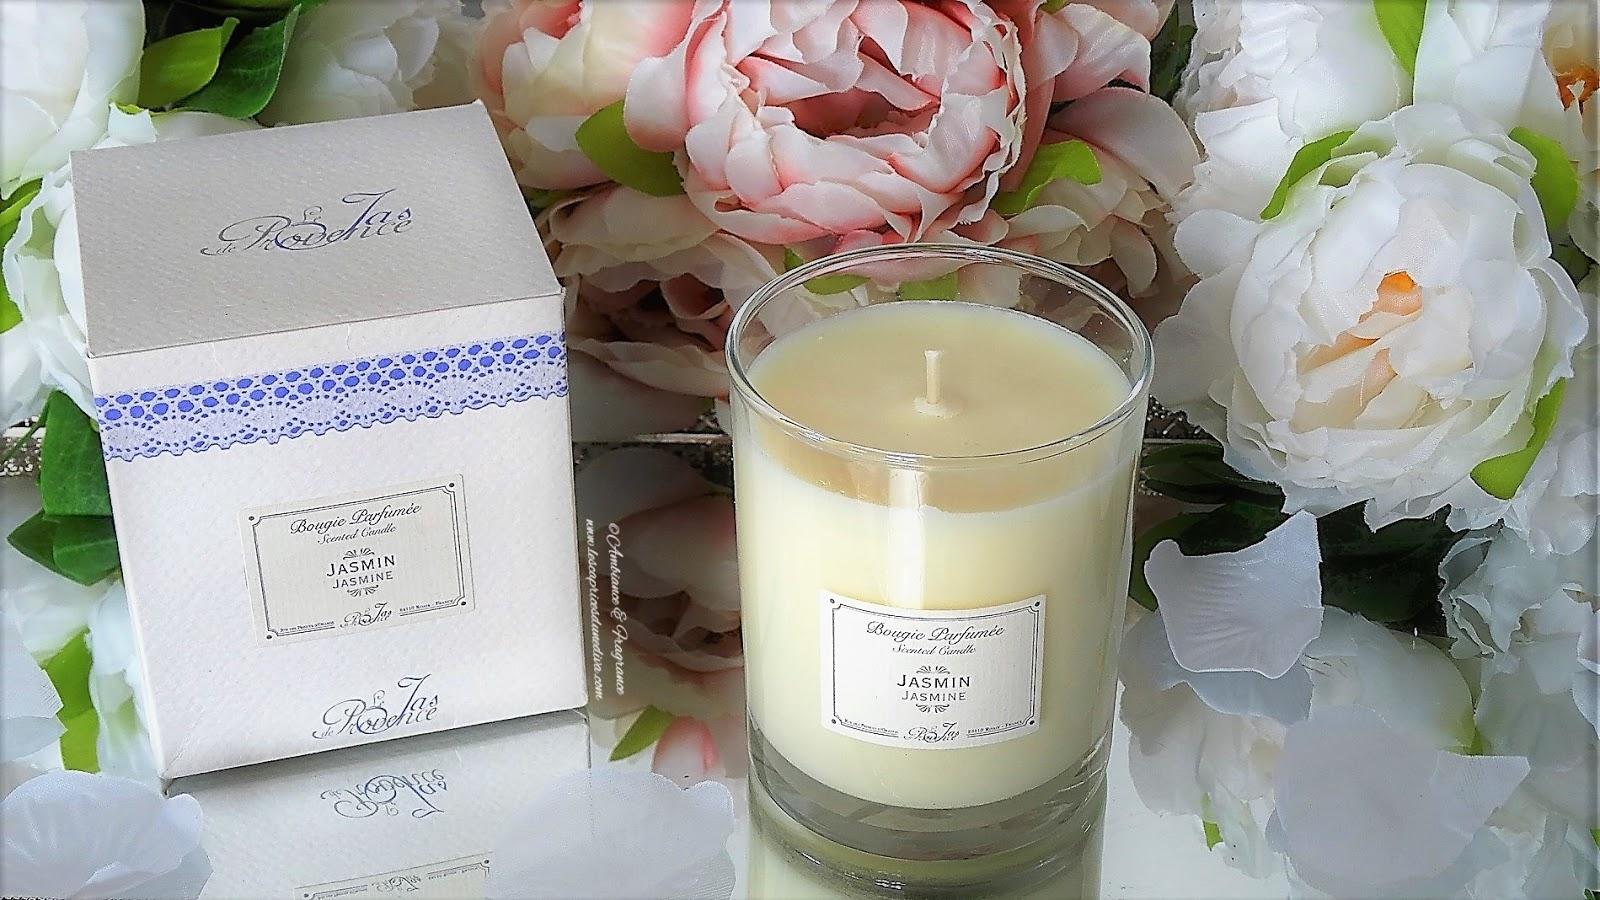 jasmin de cire parfum ambiance et fragrance blog beaut parfum bougie parfum e. Black Bedroom Furniture Sets. Home Design Ideas